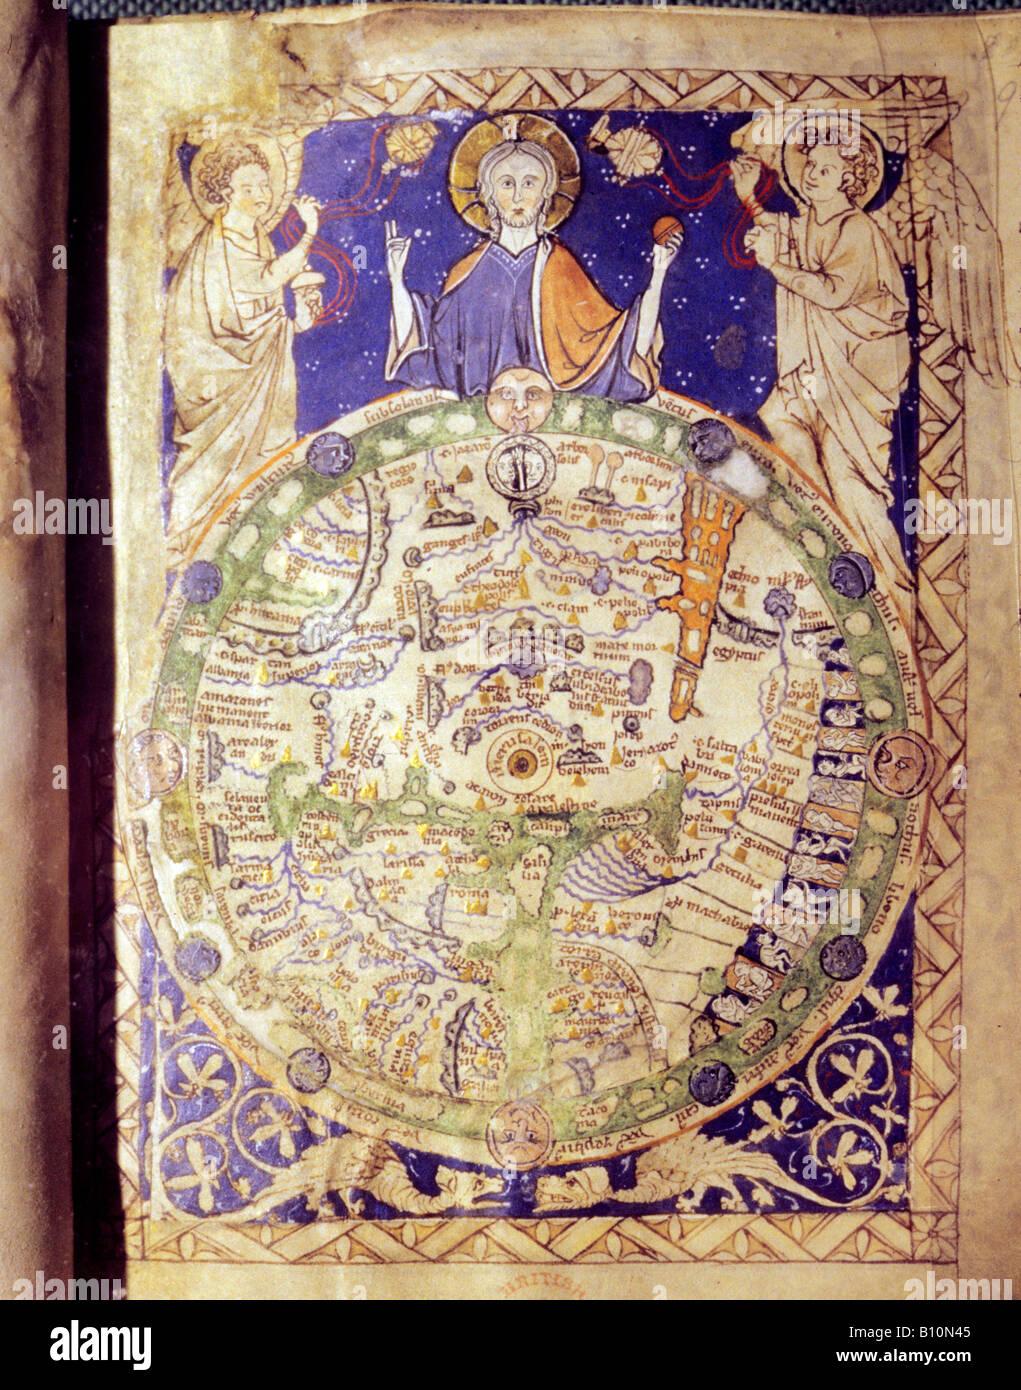 Mondo medievale mappa con Gerusalemme al centro 1275 Immagini Stock